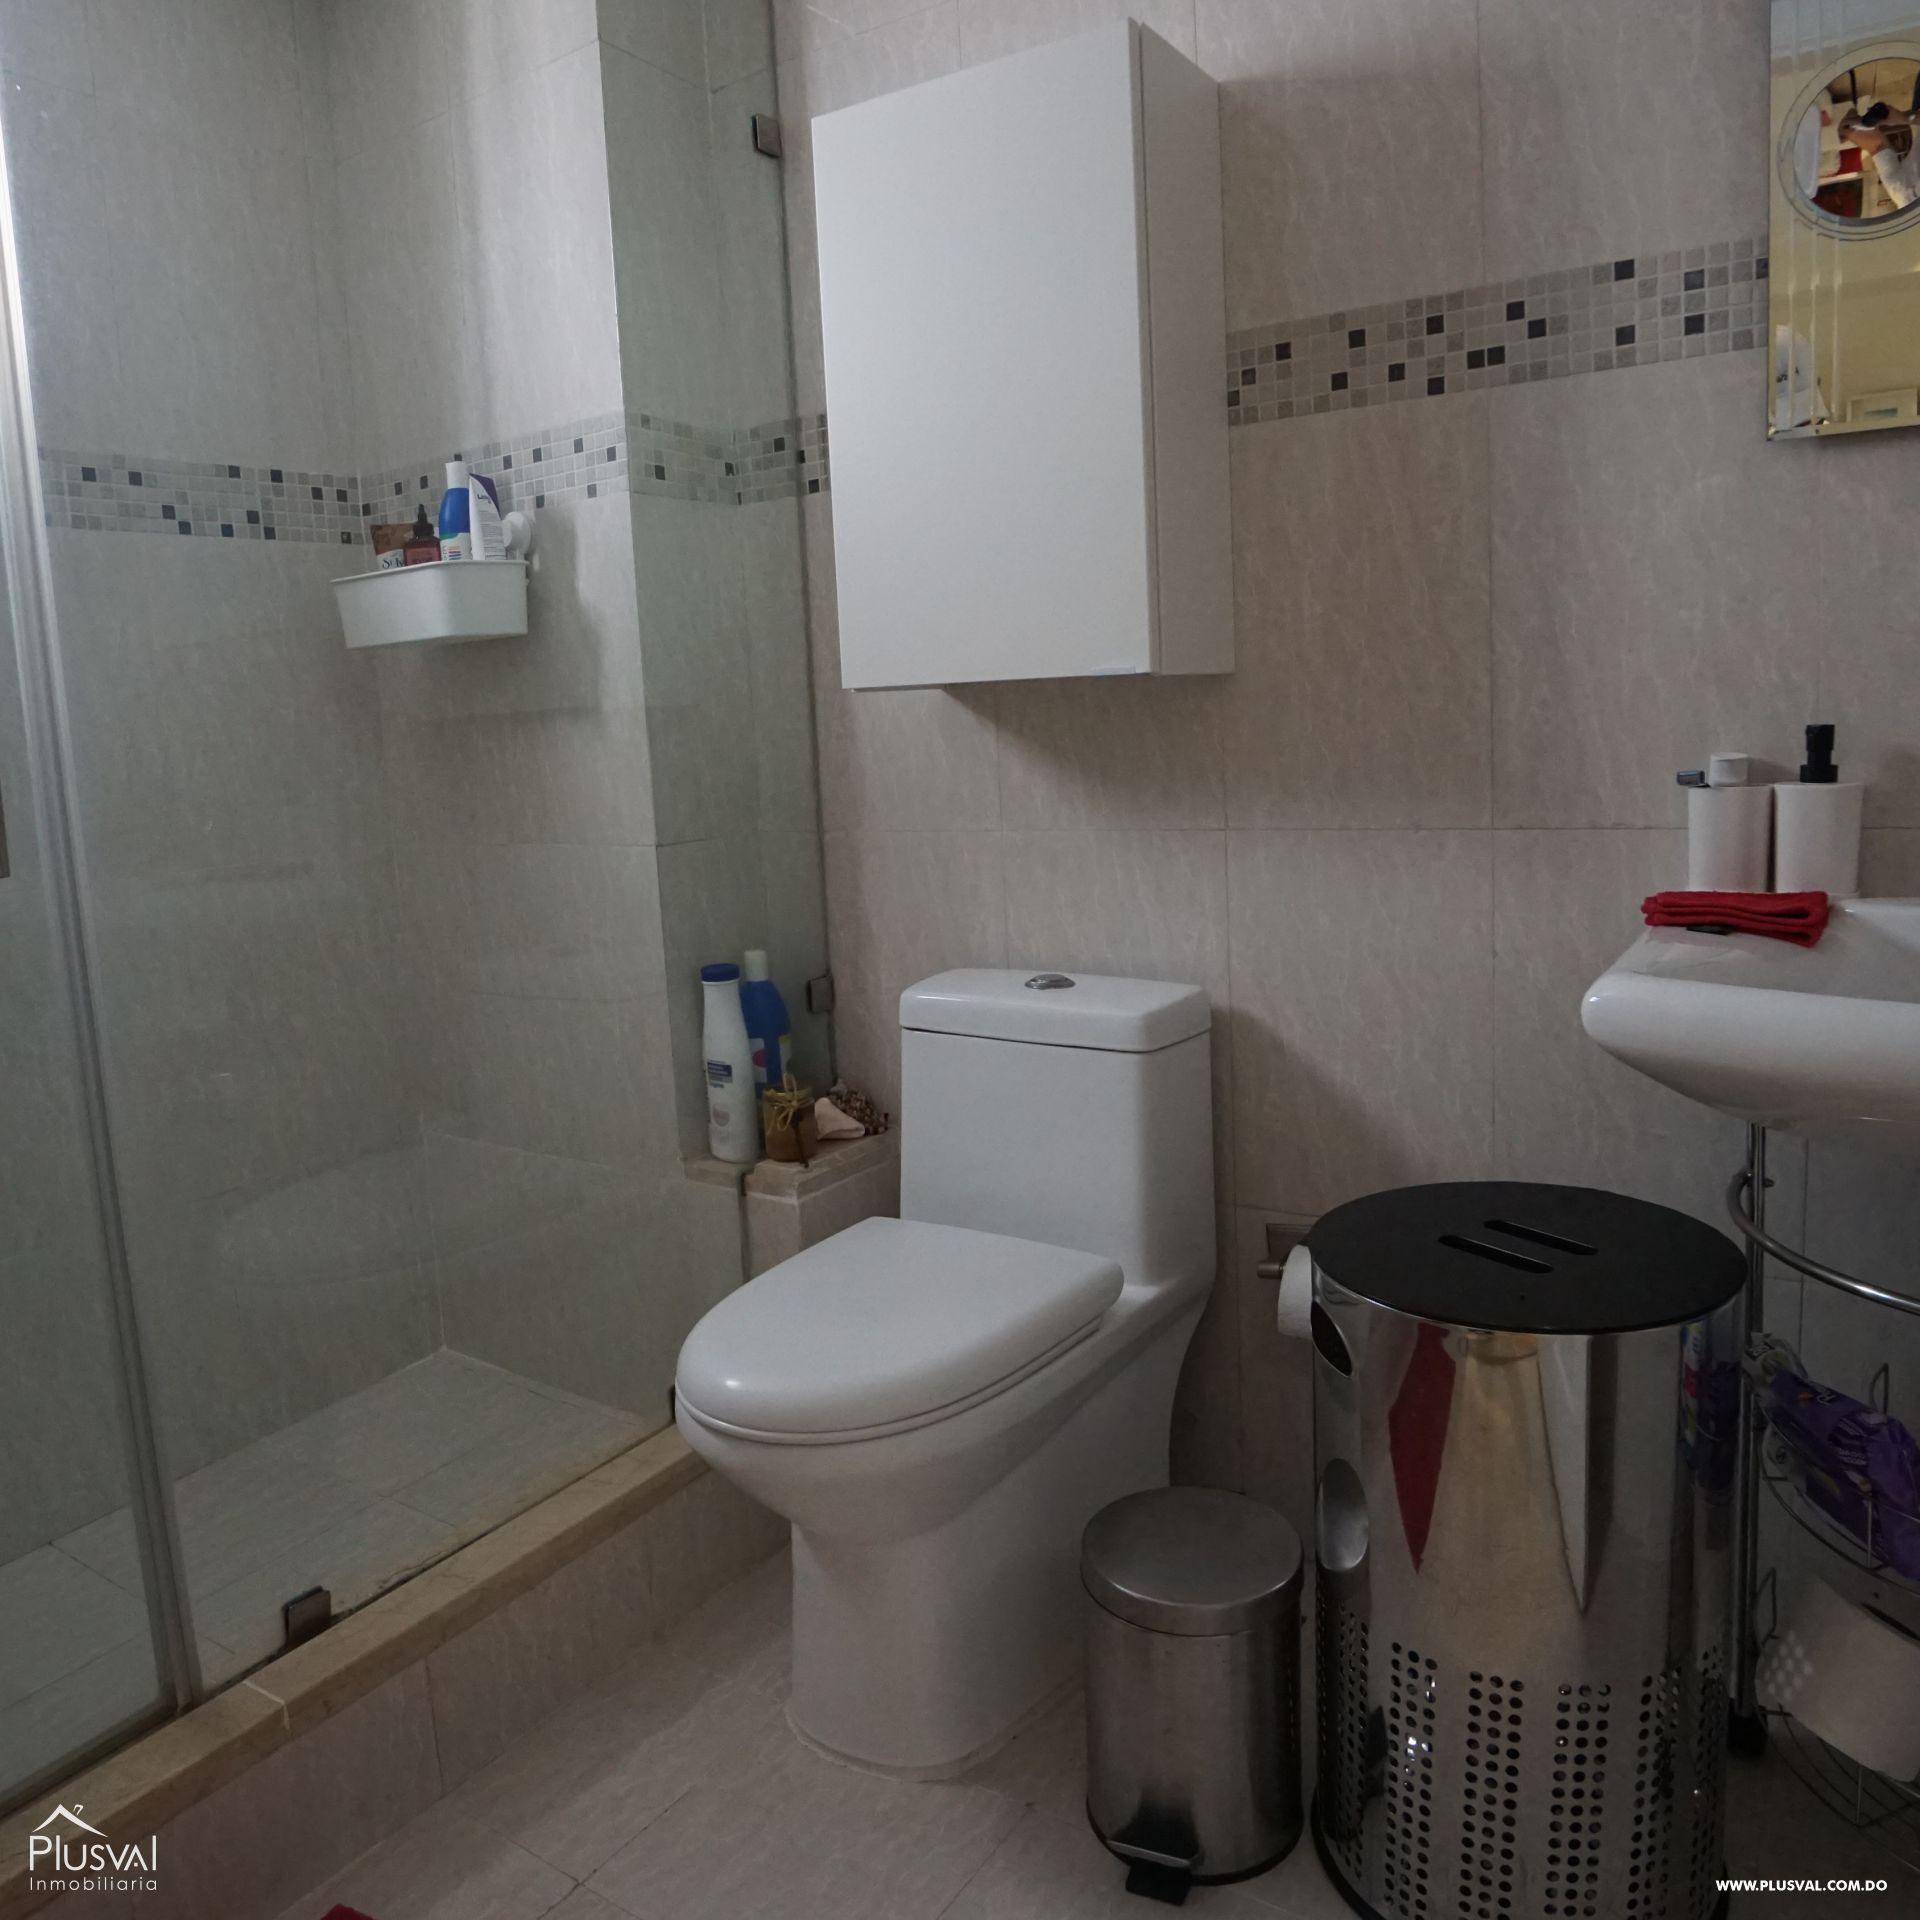 Lujoso apartamento en VENTA en Zona Residencial de NACO 182975